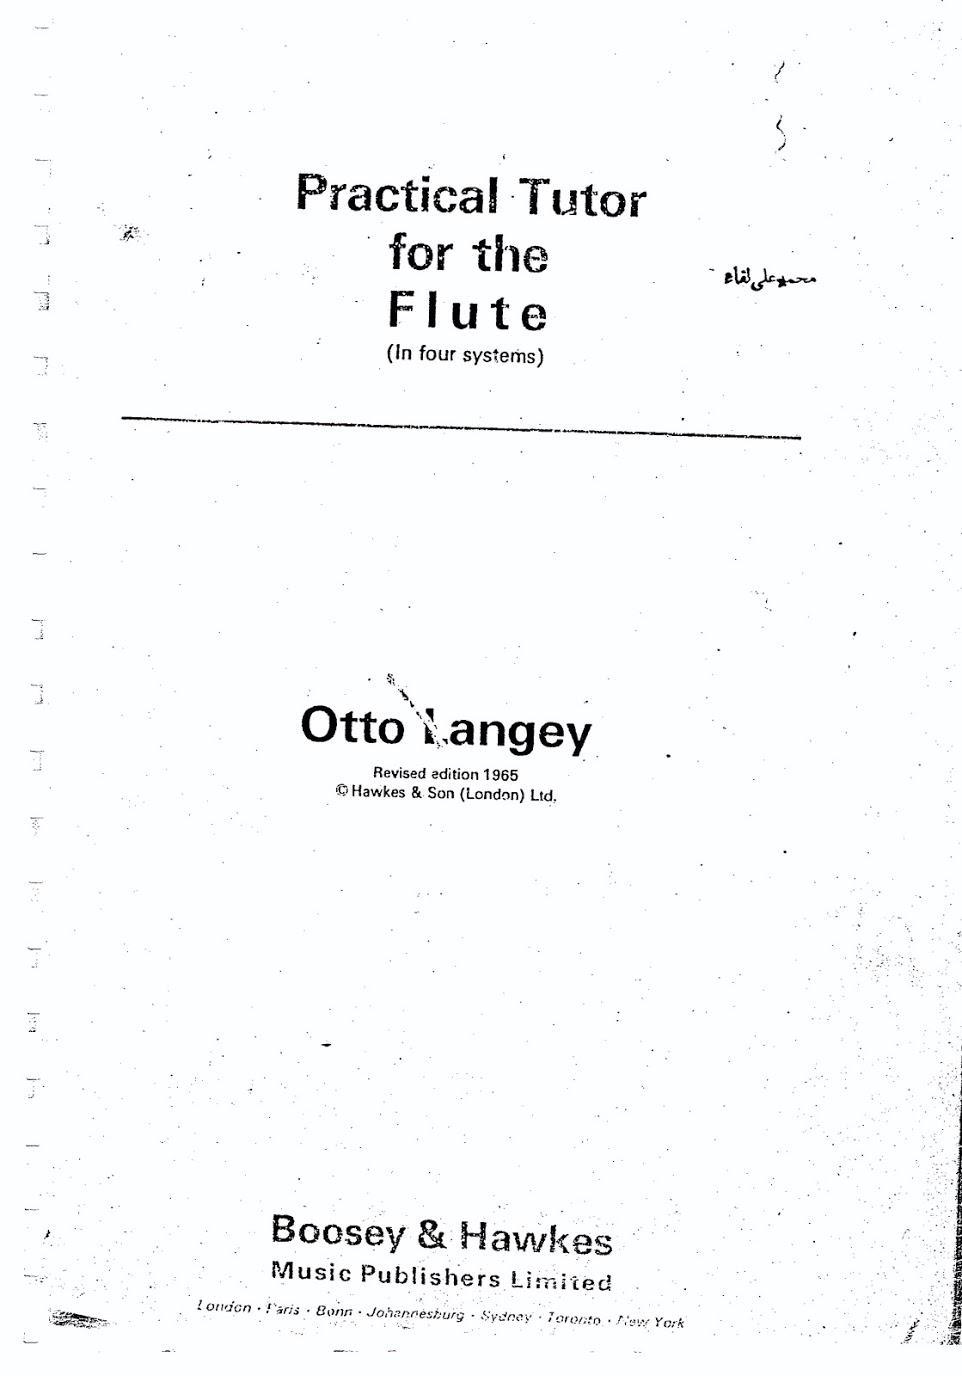 کتاب راهنمای عملی برای فلوت نوشته آتو لانگی